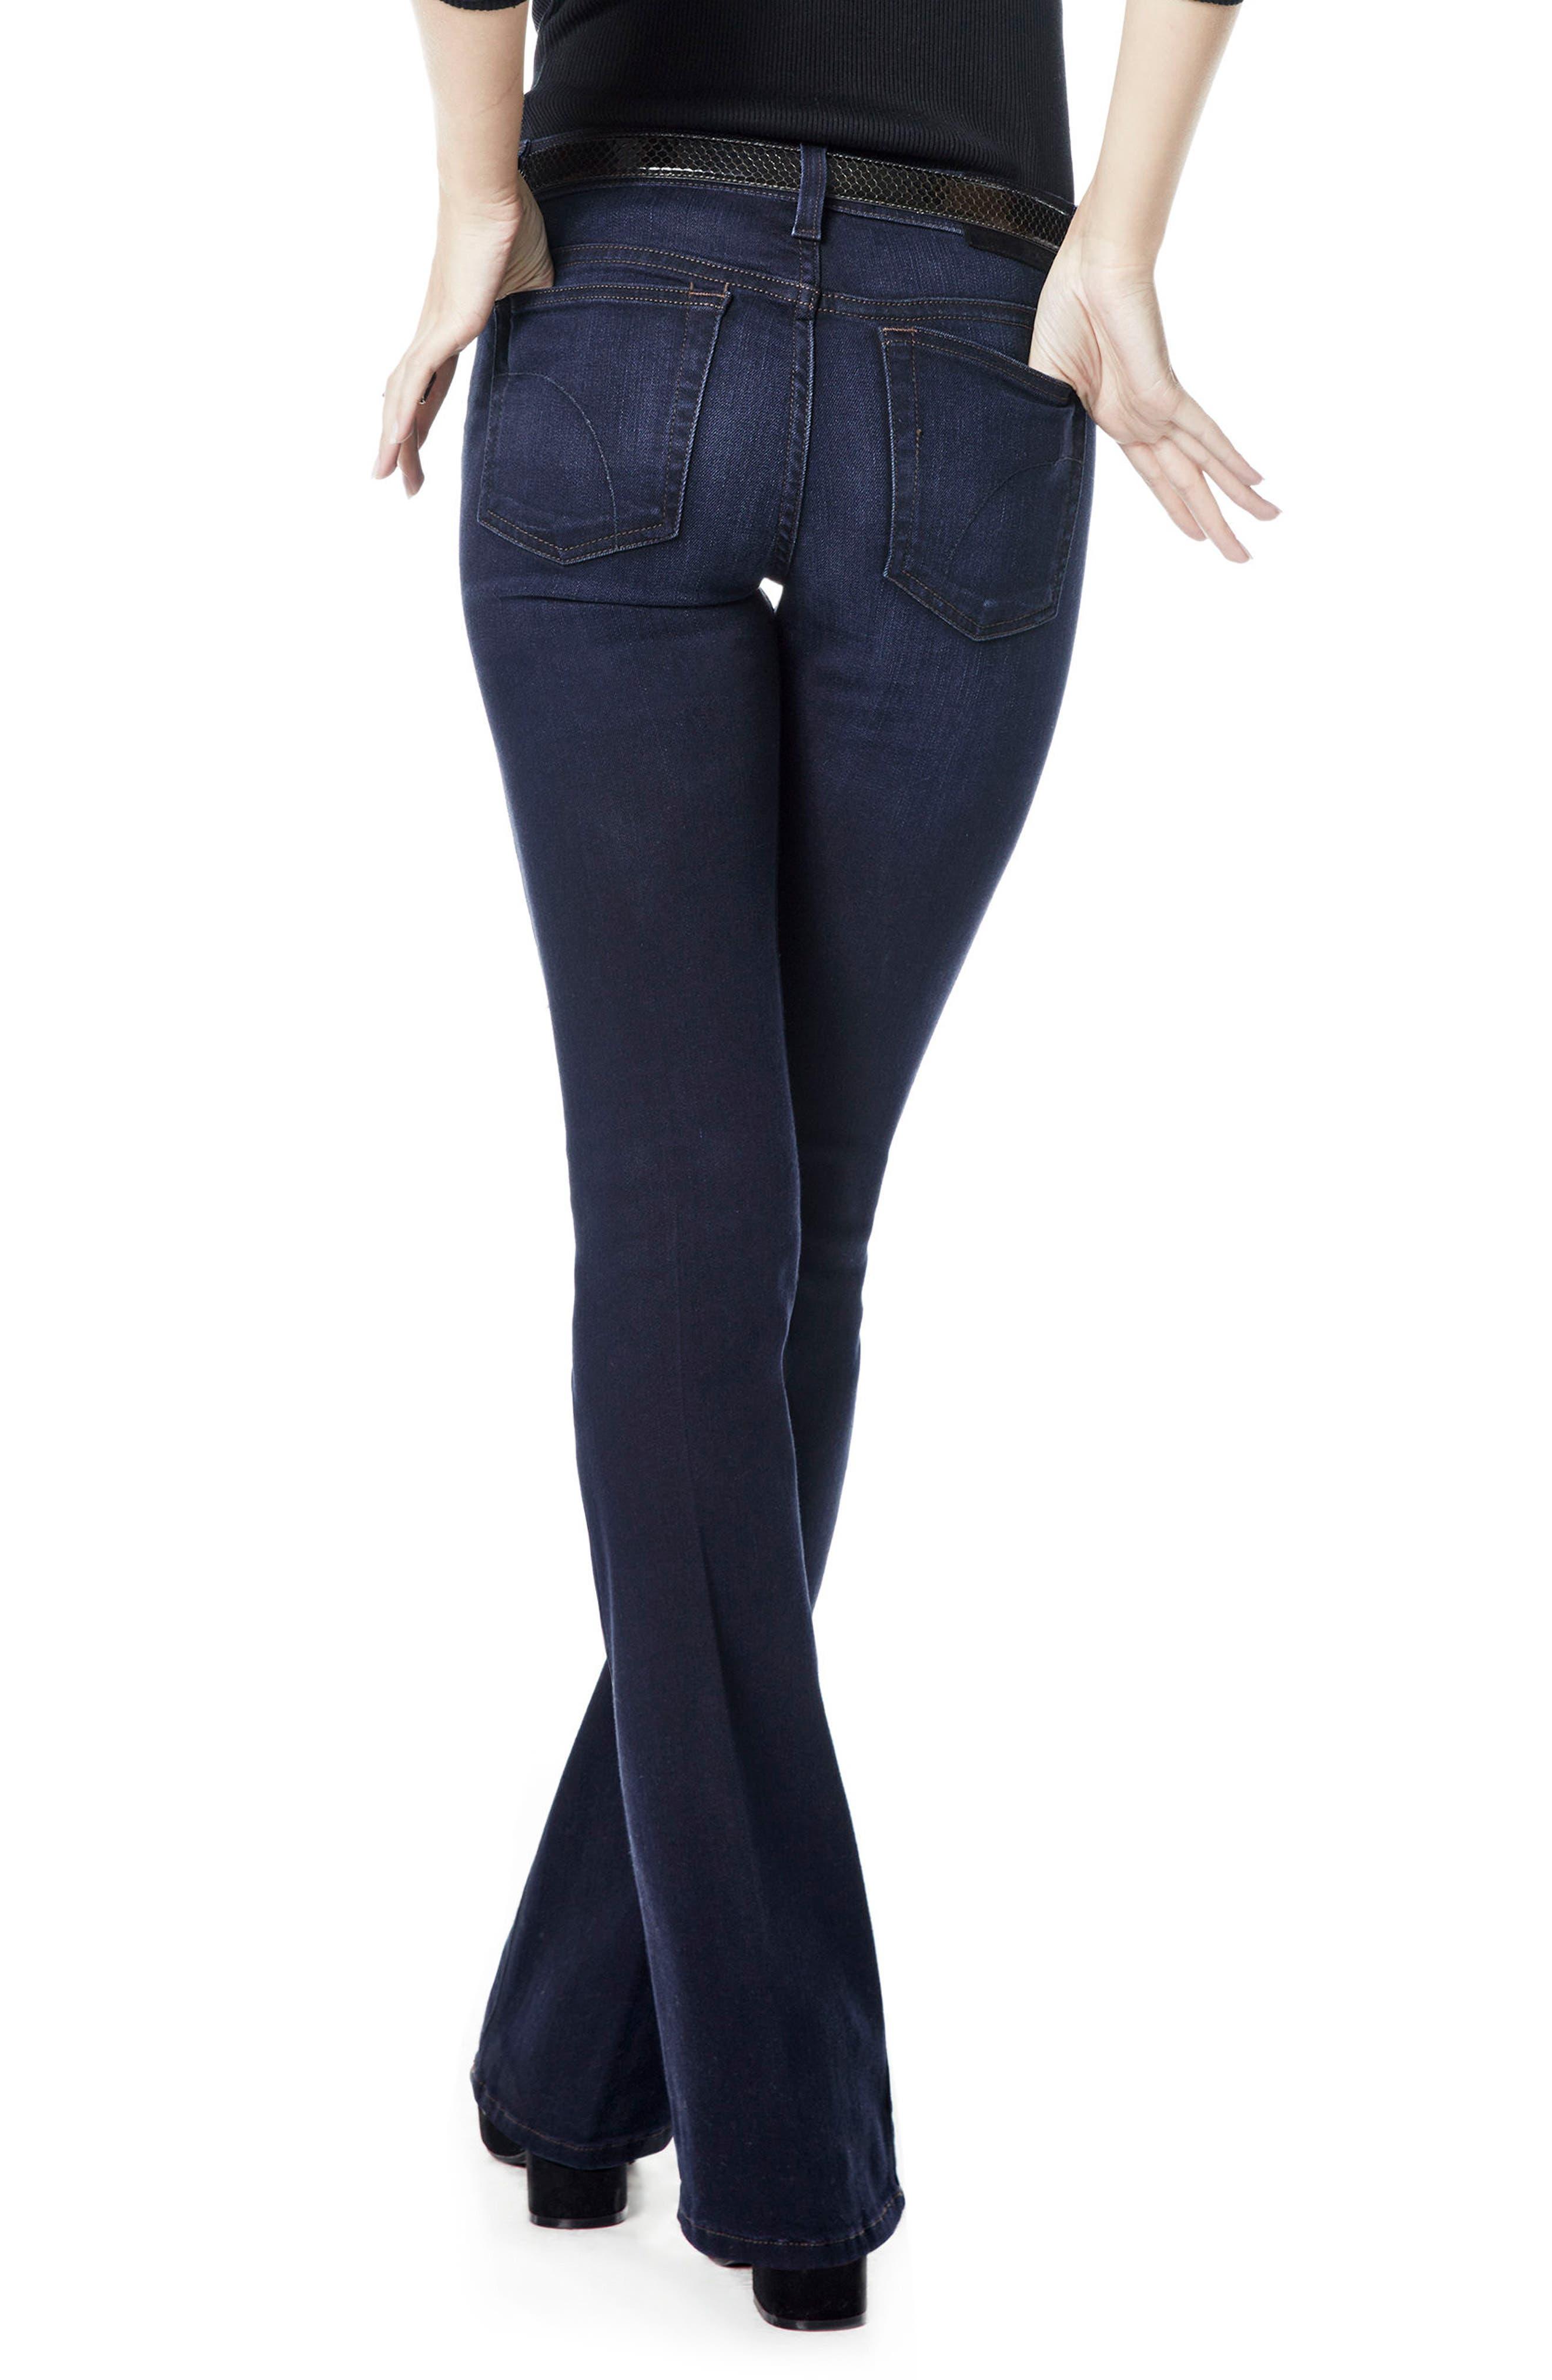 JOE'S,                             'Provocateur' Bootcut Jeans,                             Alternate thumbnail 2, color,                             400